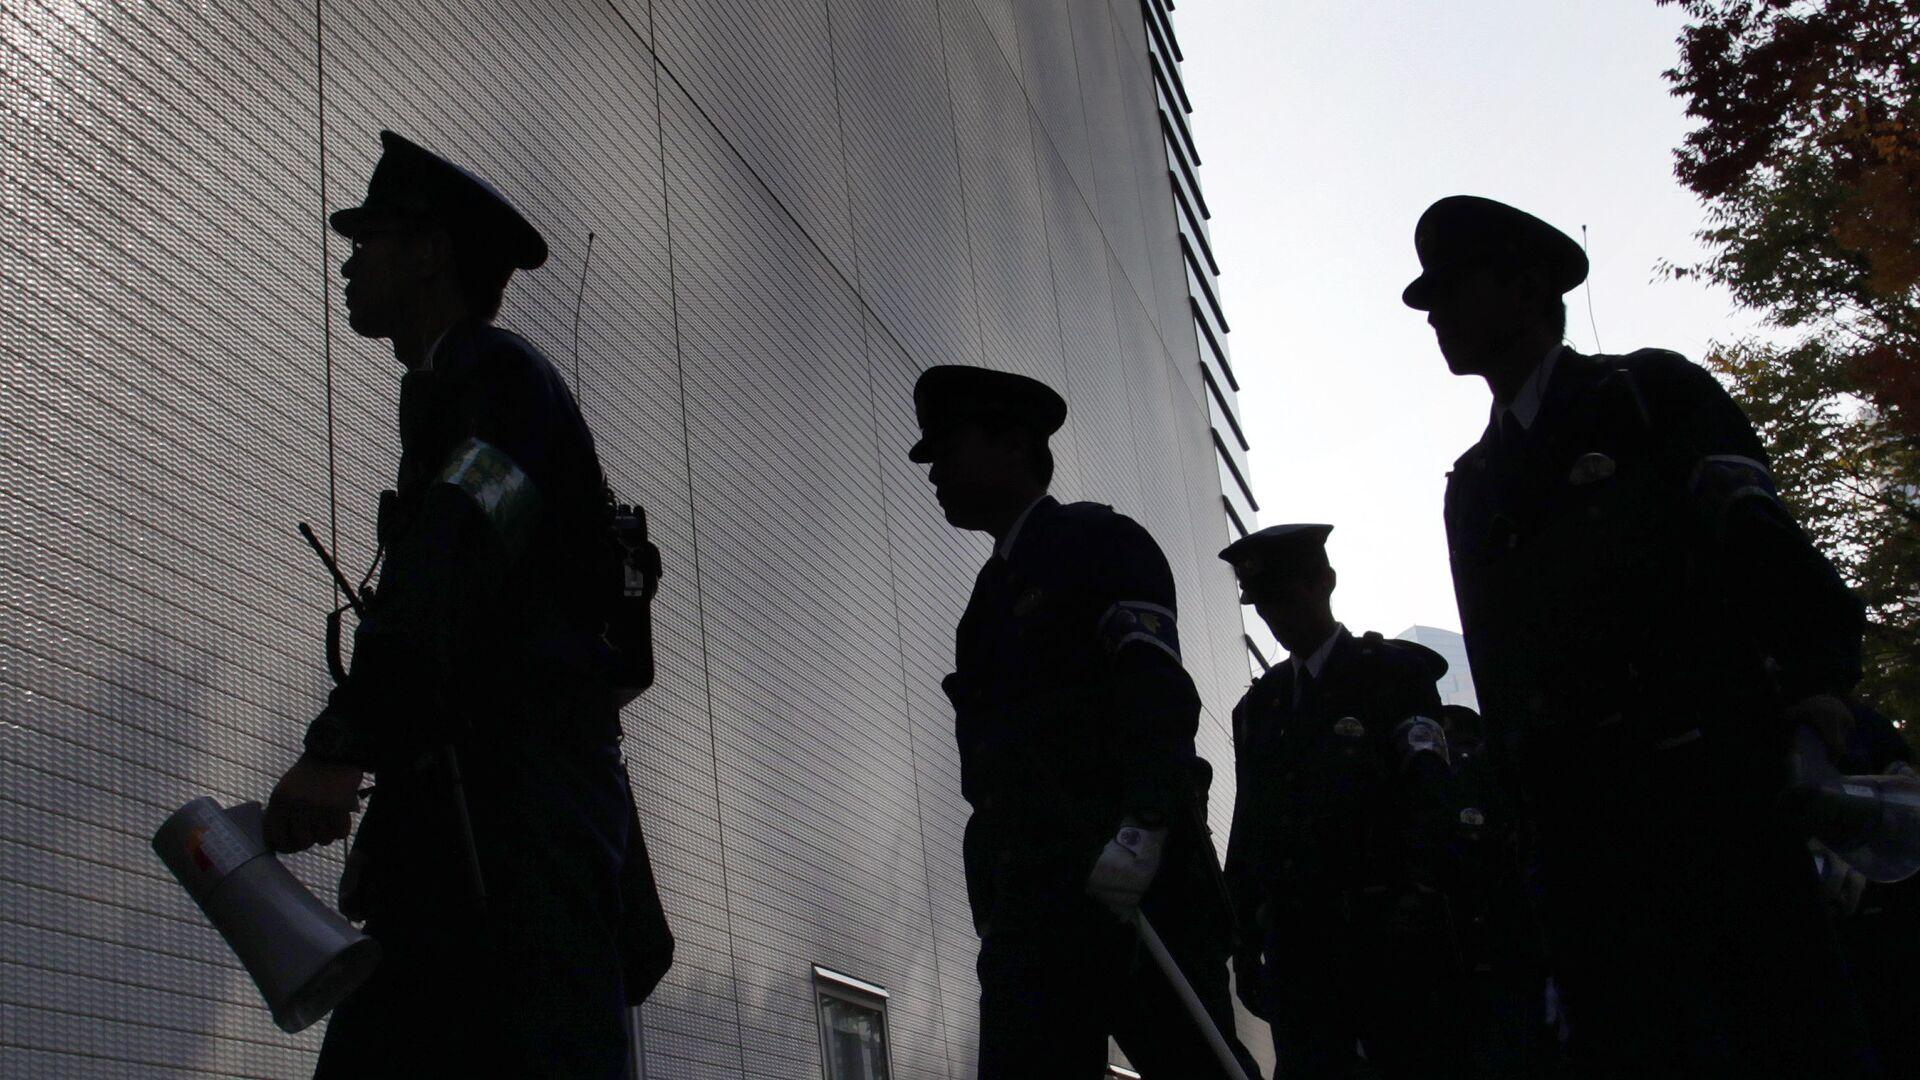 Сотрудники правоохранительных органов Японии - РИА Новости, 1920, 29.08.2021